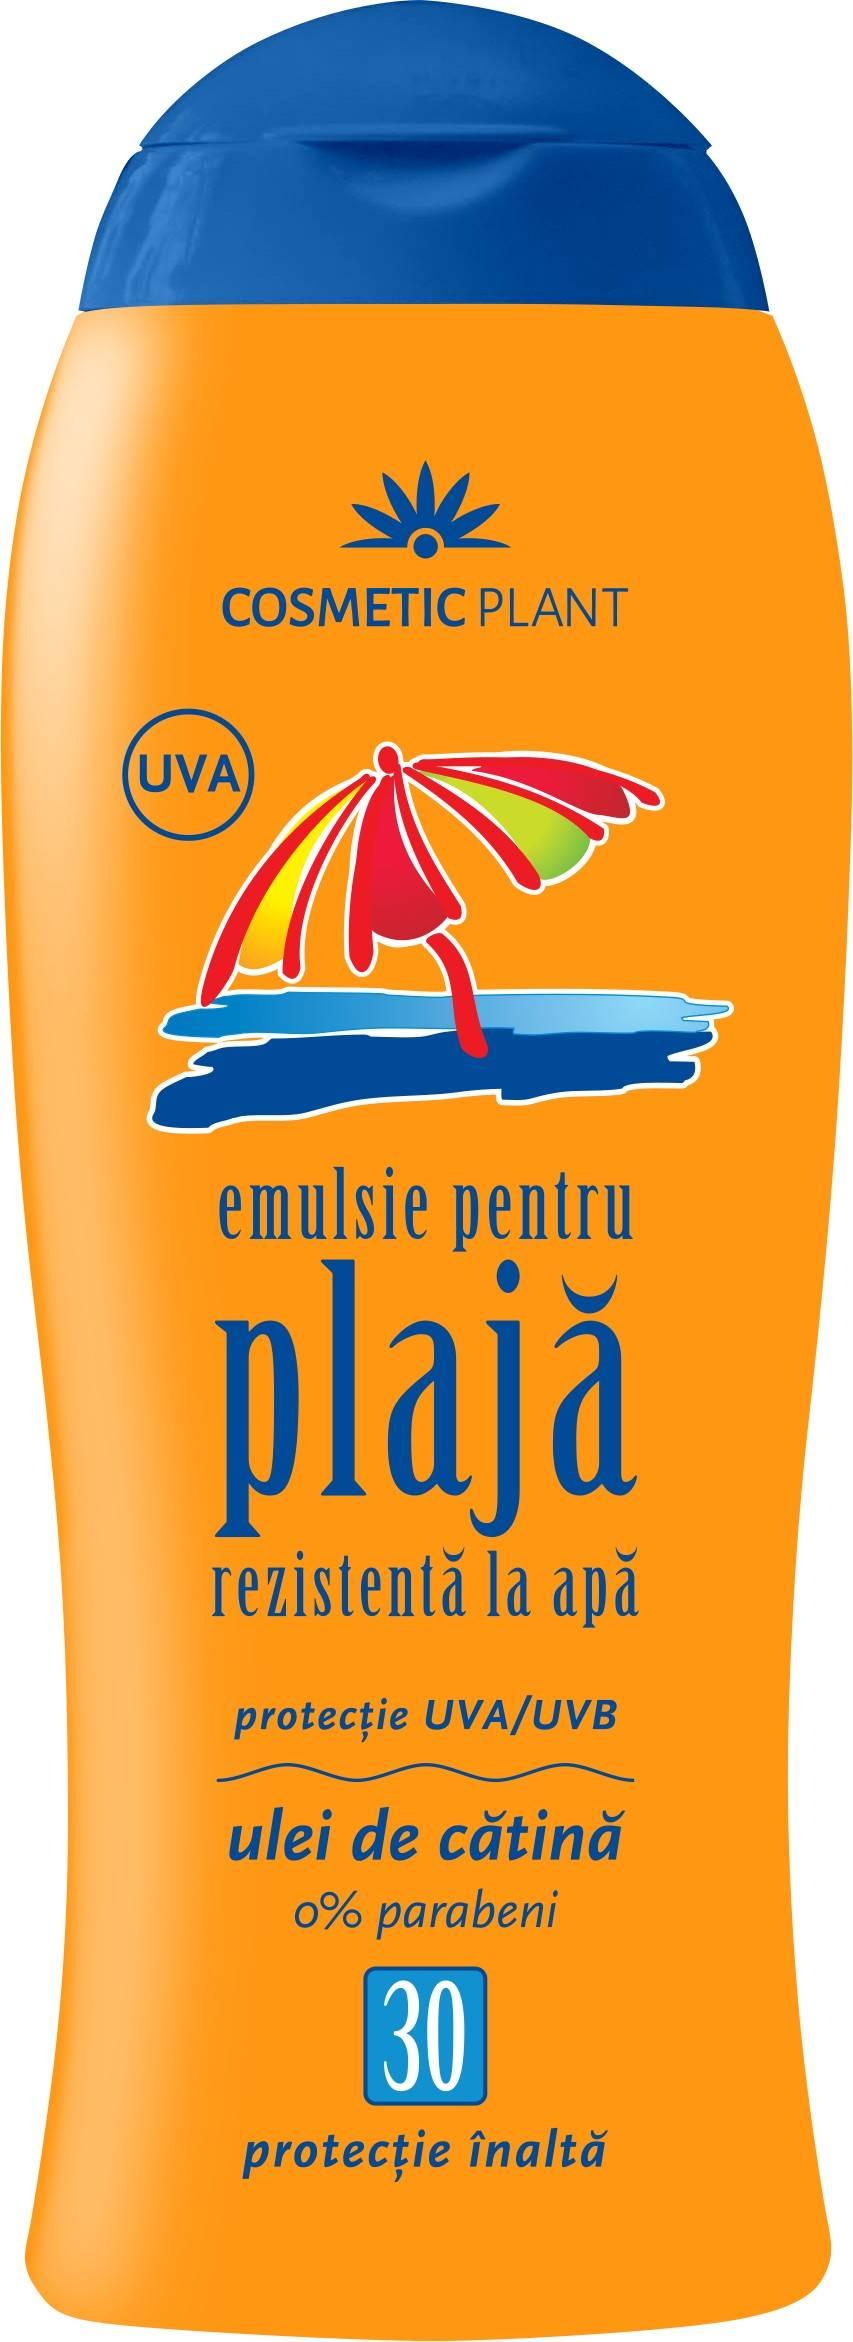 Emulsie pentru plaja rezistenta la apa SPF 30 cu ulei de catina 200 ml